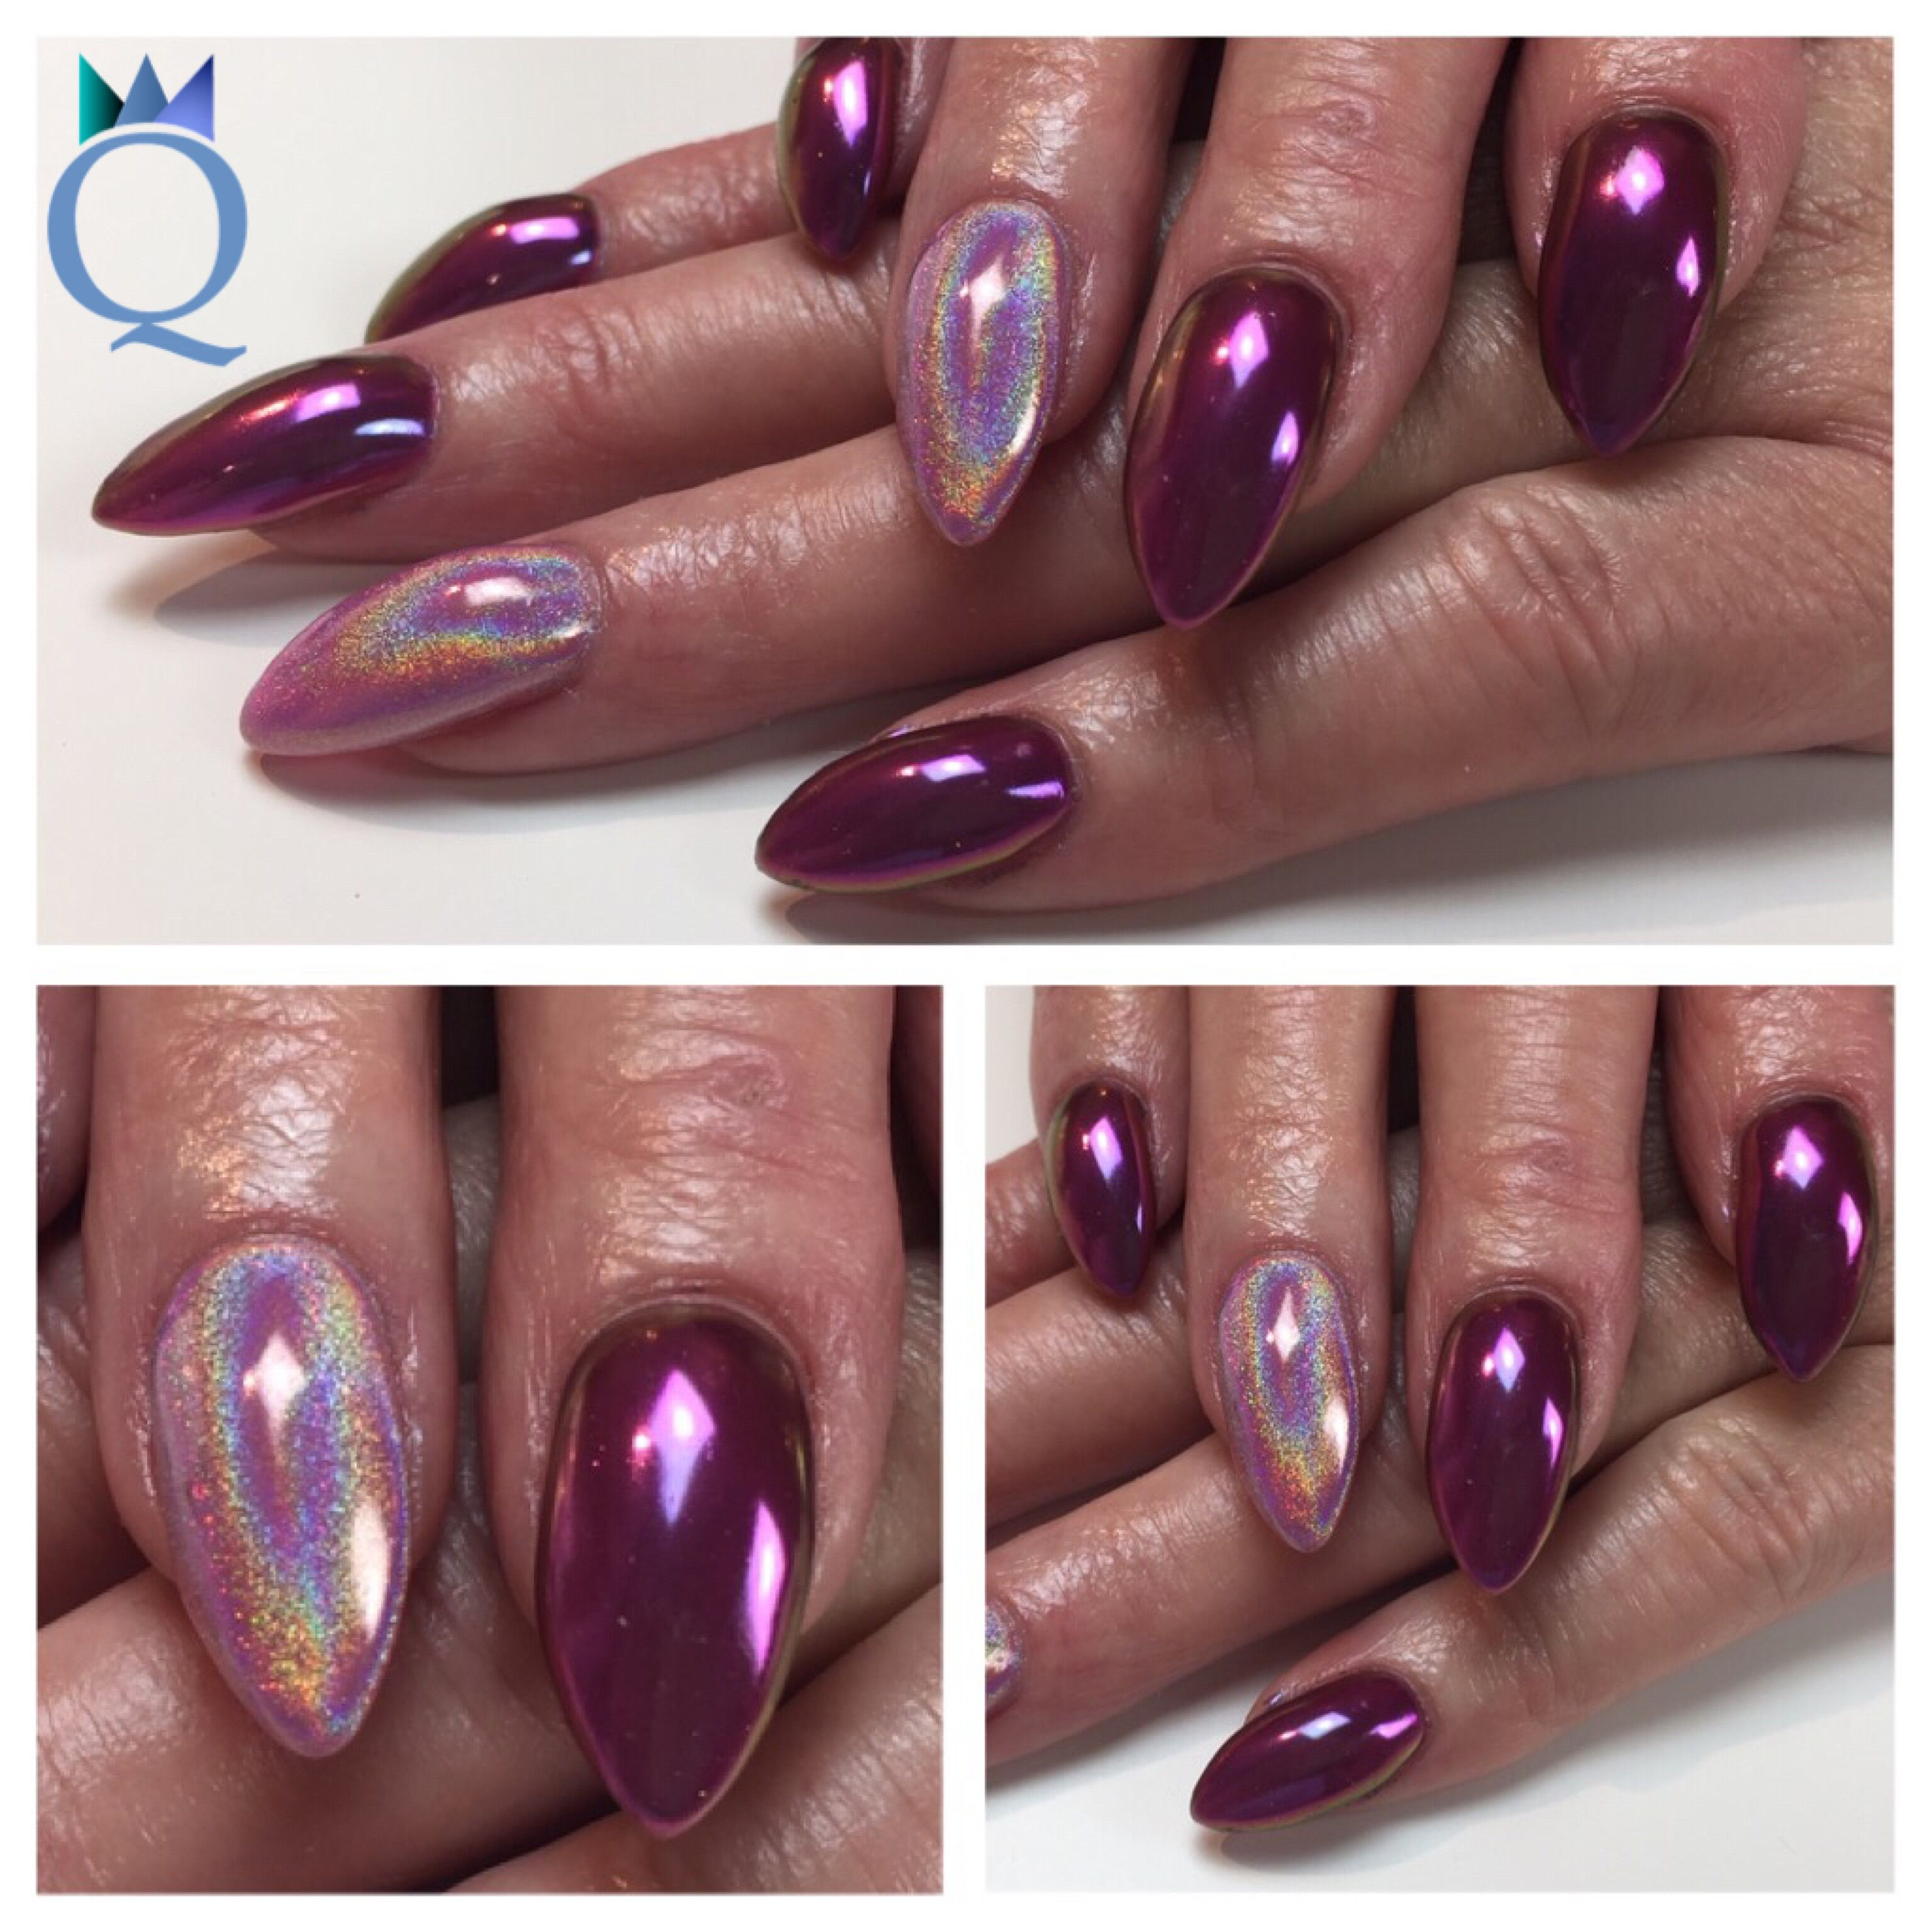 almondshape #gelnails #nails #holographicnails #chameleonnails ...